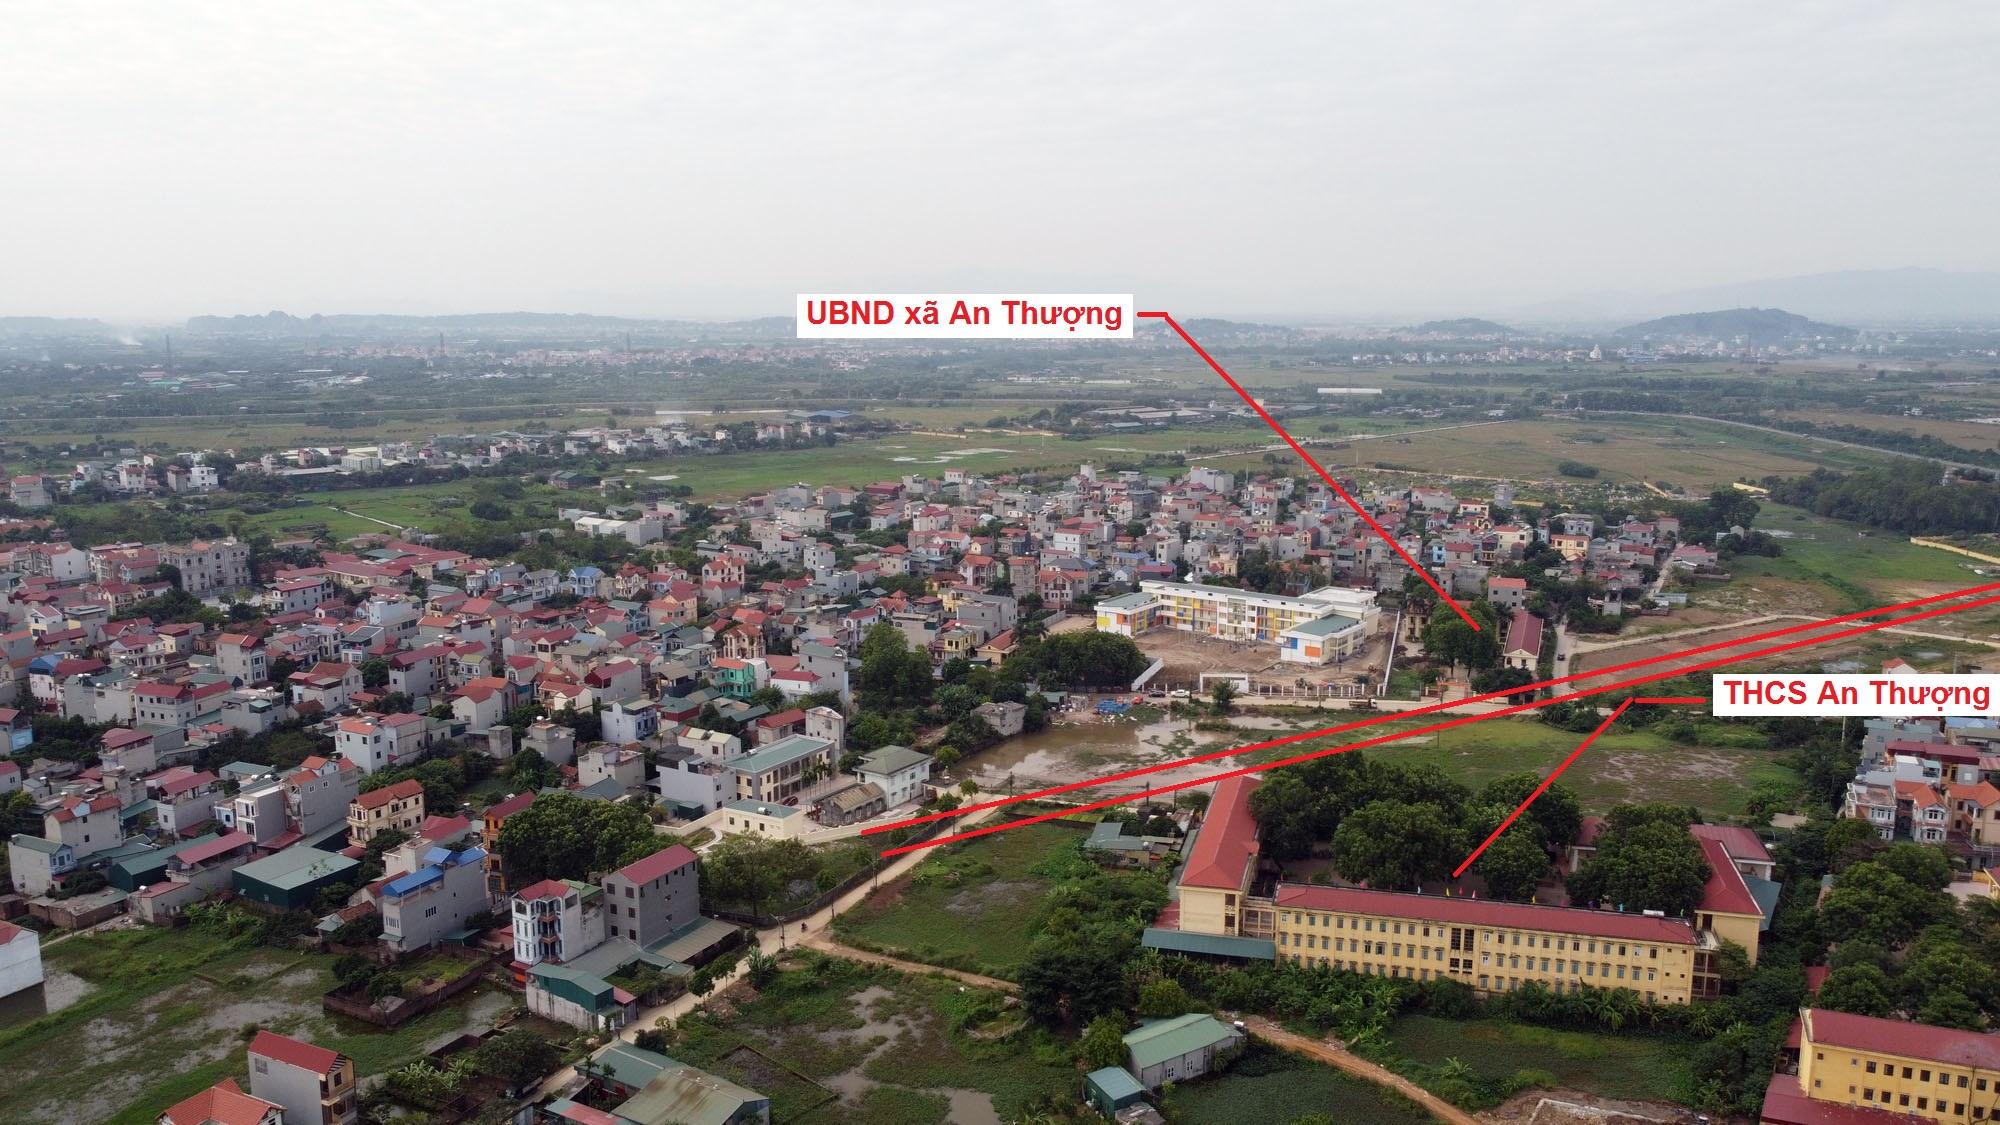 Ba đường sẽ mở theo quy hoạch ở xã An Thượng, Hoài Đức, Hà Nội - Ảnh 13.